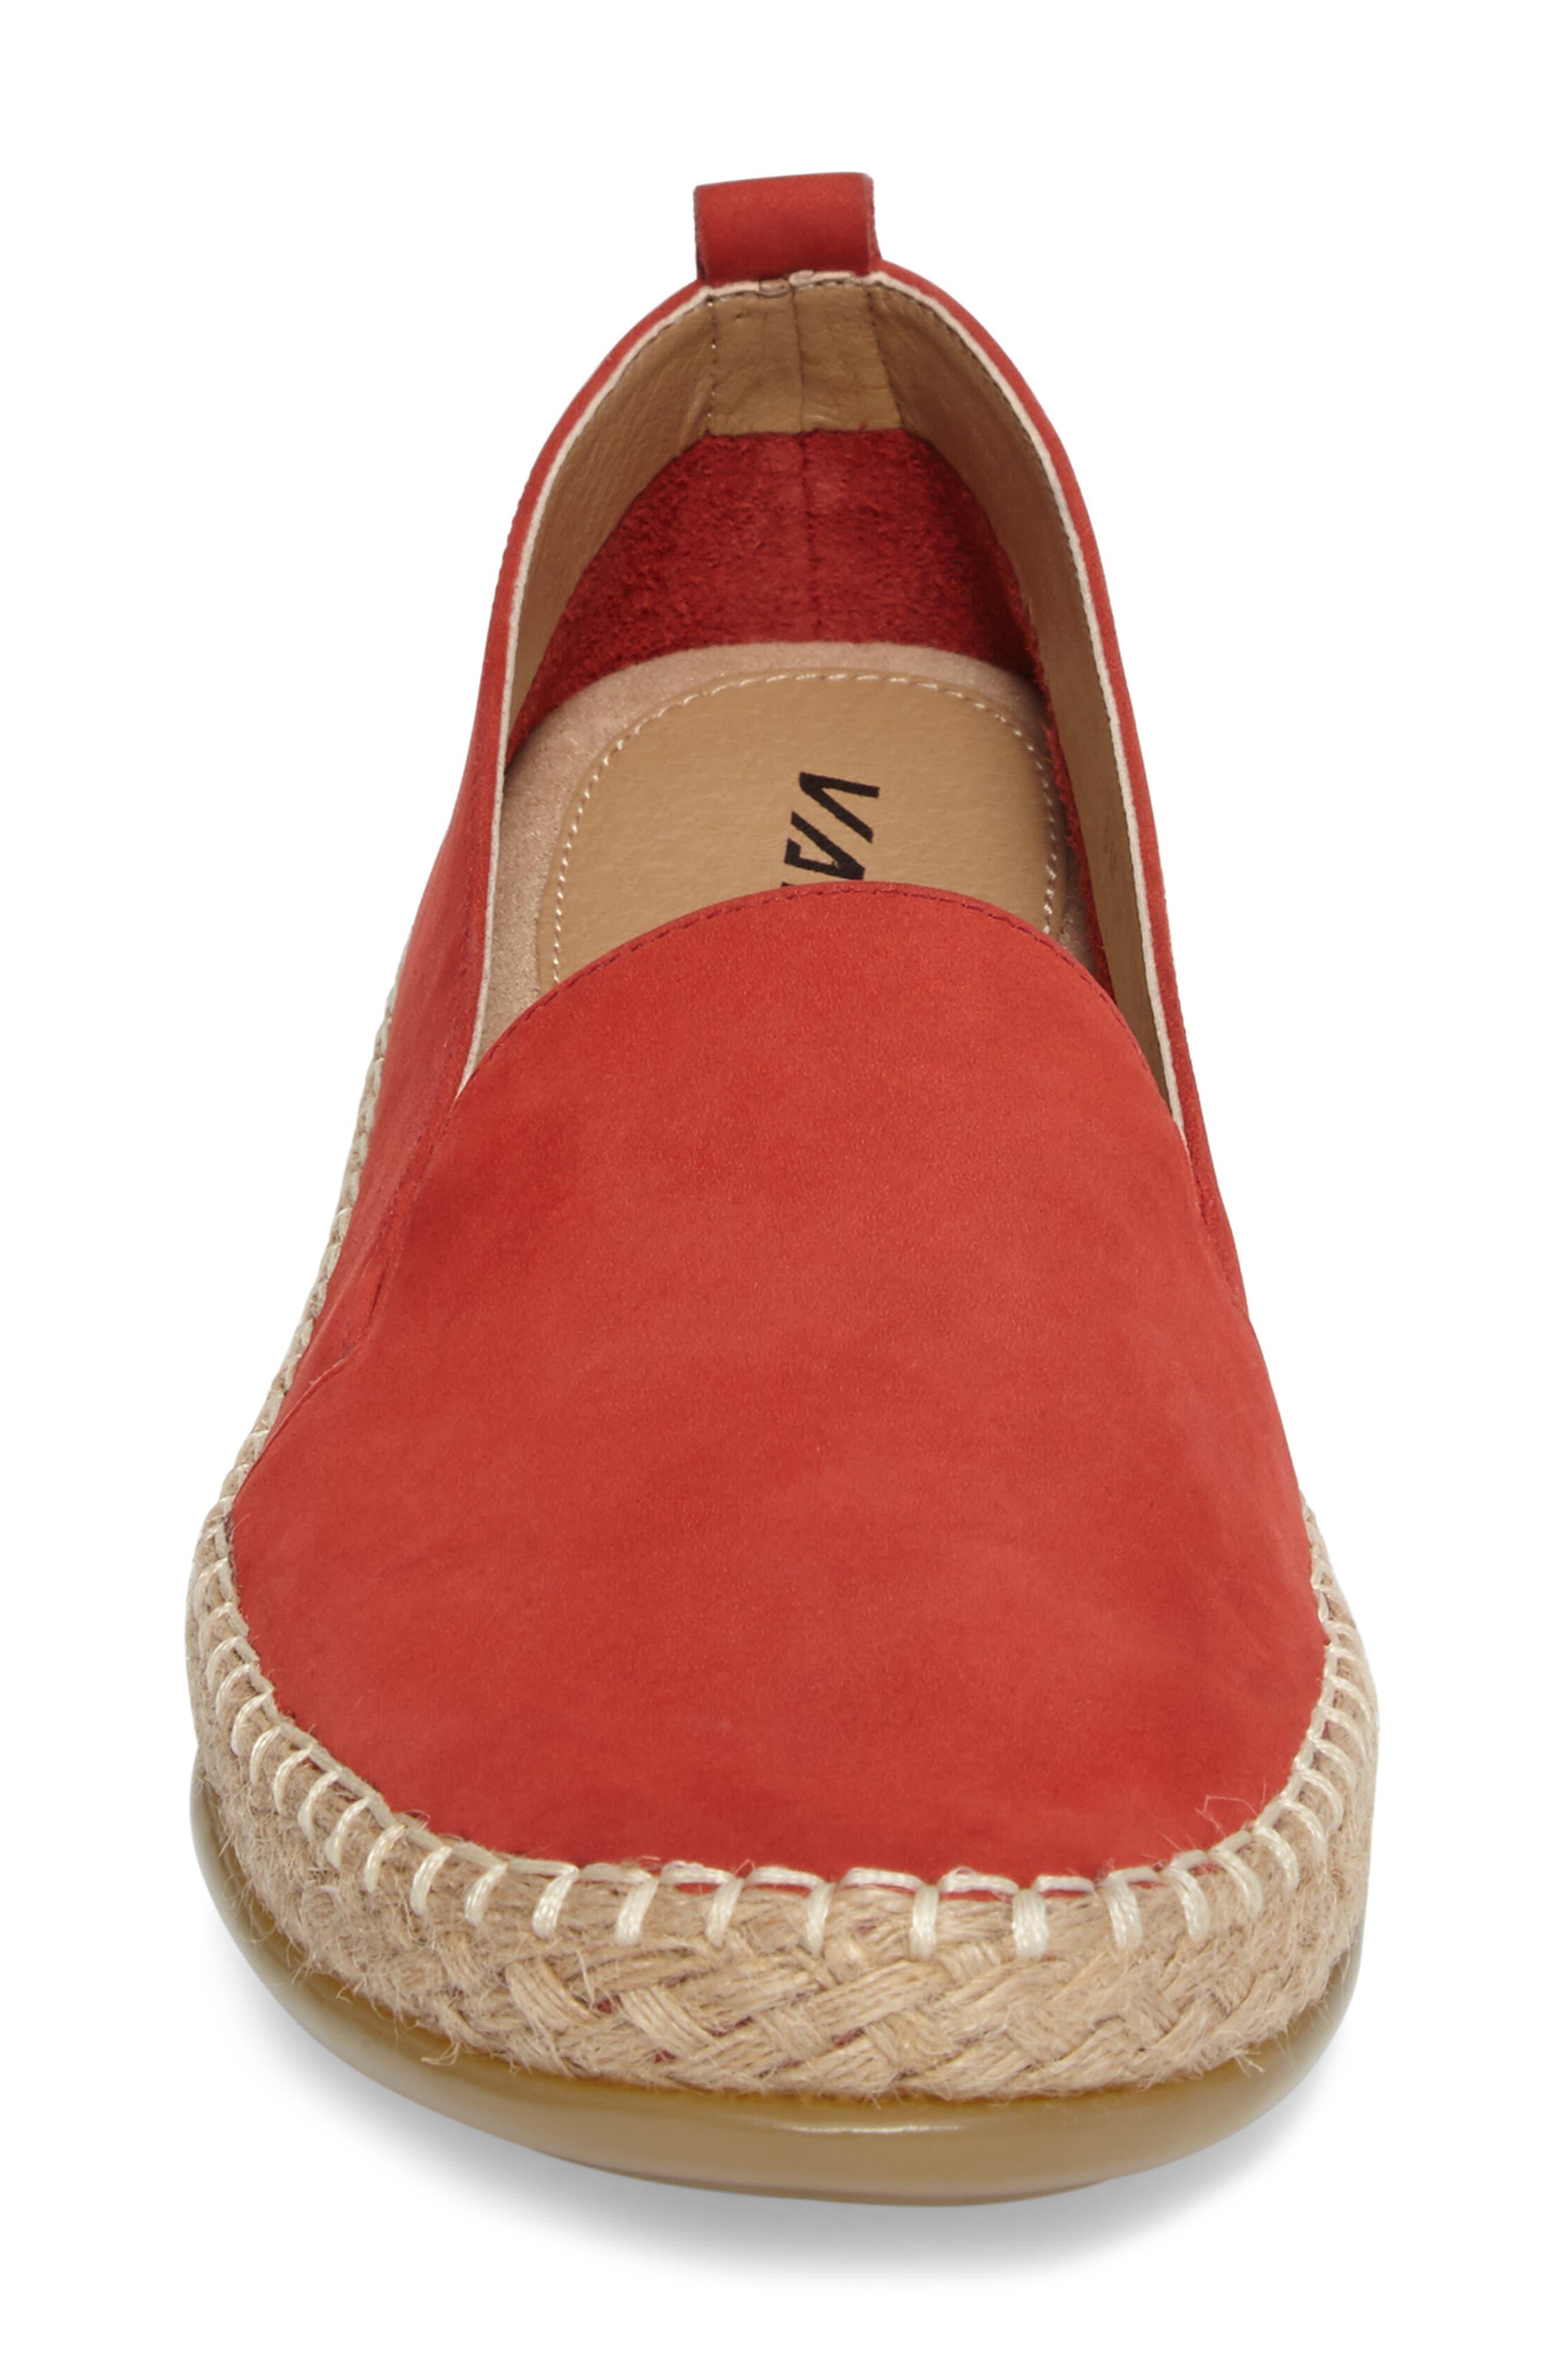 Nadette Espadrille Loafer Flat,                             Alternate thumbnail 16, color,